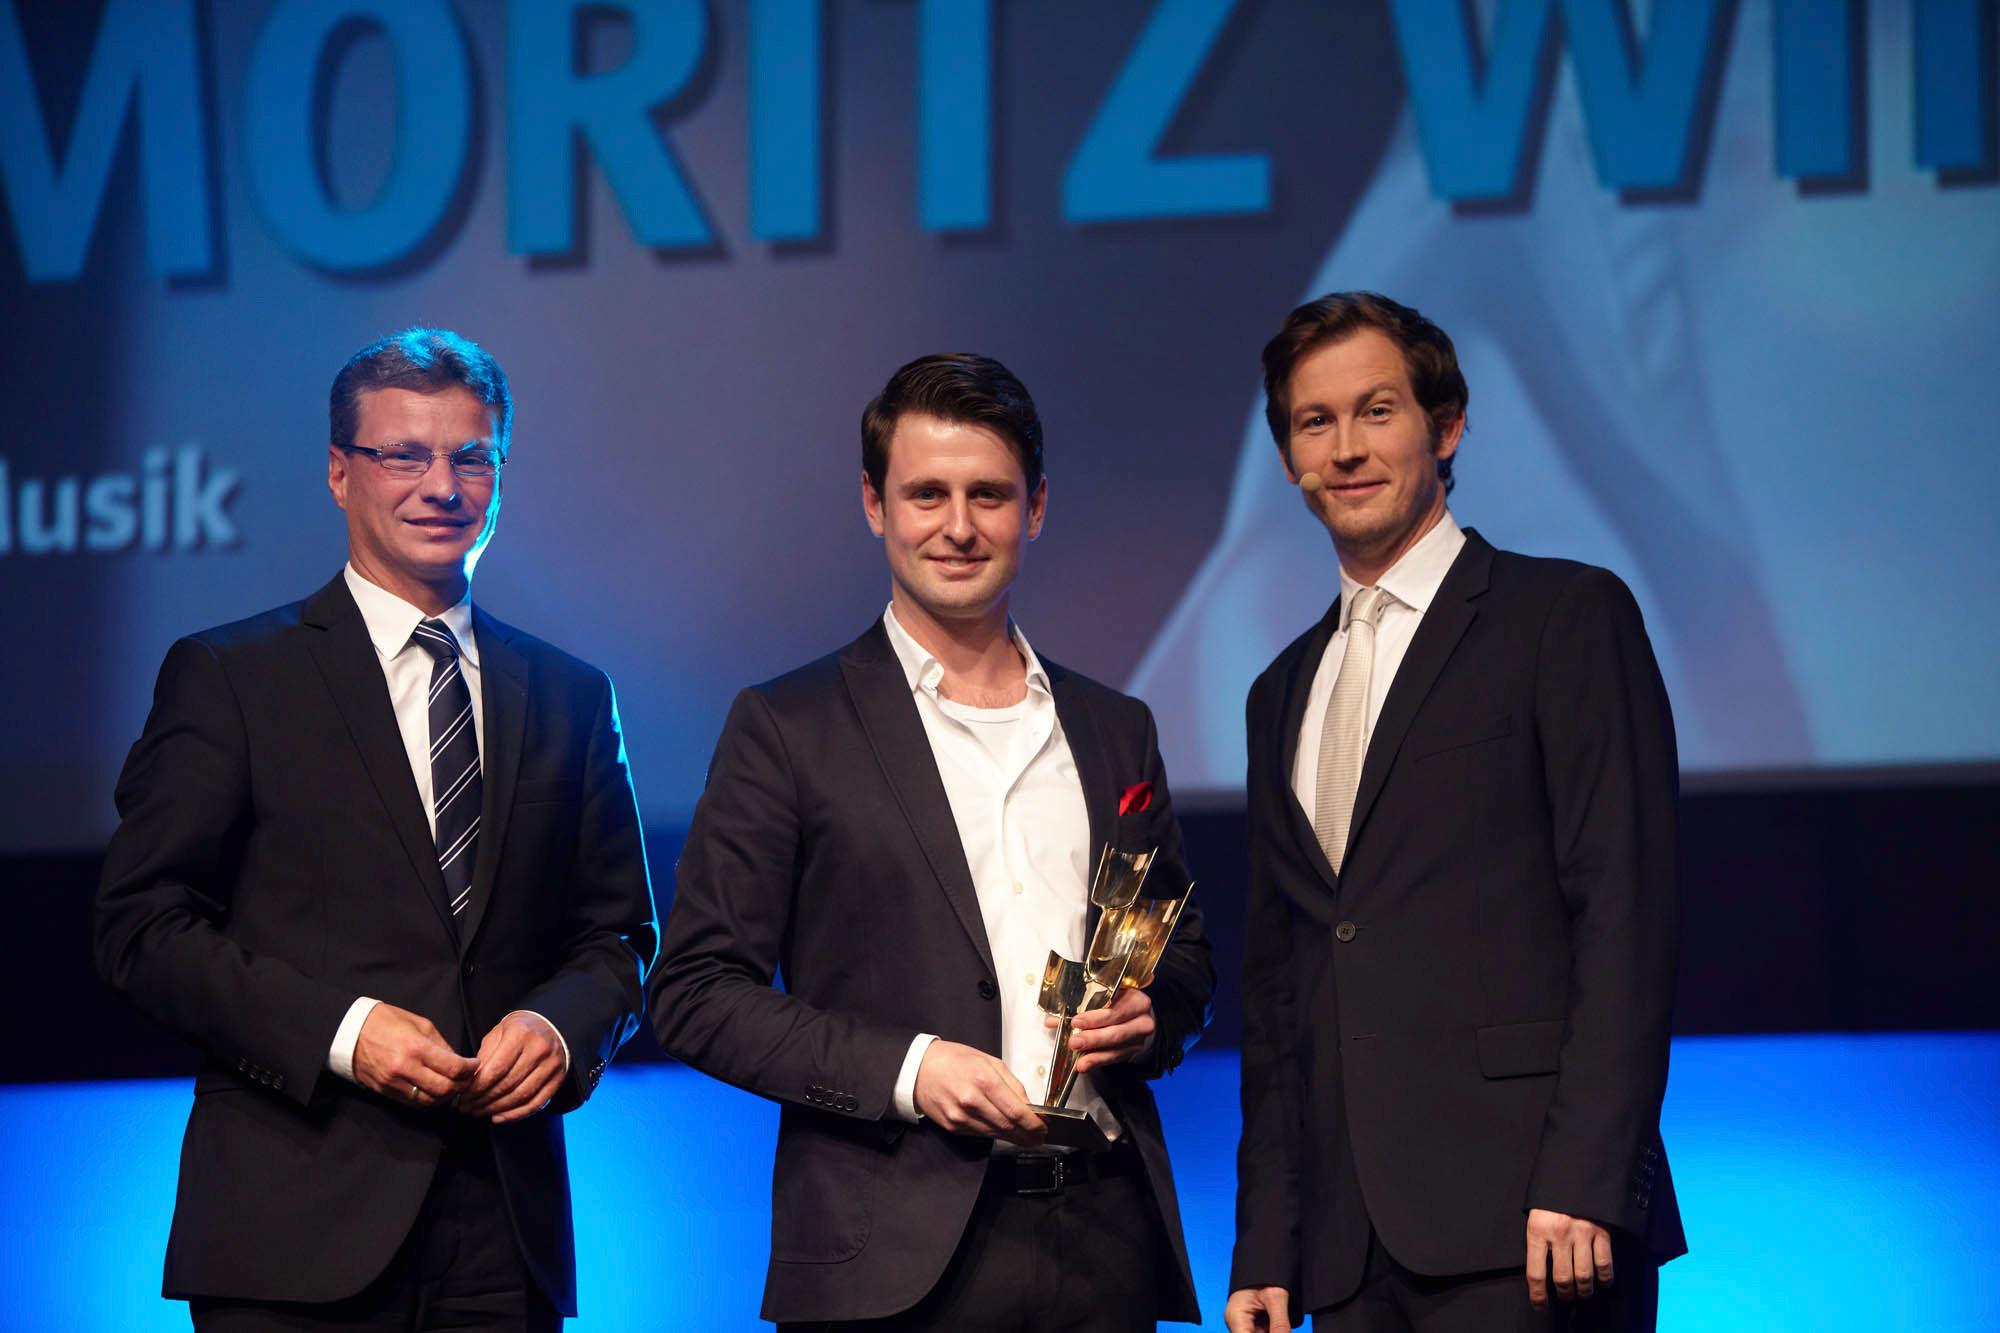 Staatssekretär Bernd Sibler überreicht den Kulturpreis Bayern an Moritz Winker